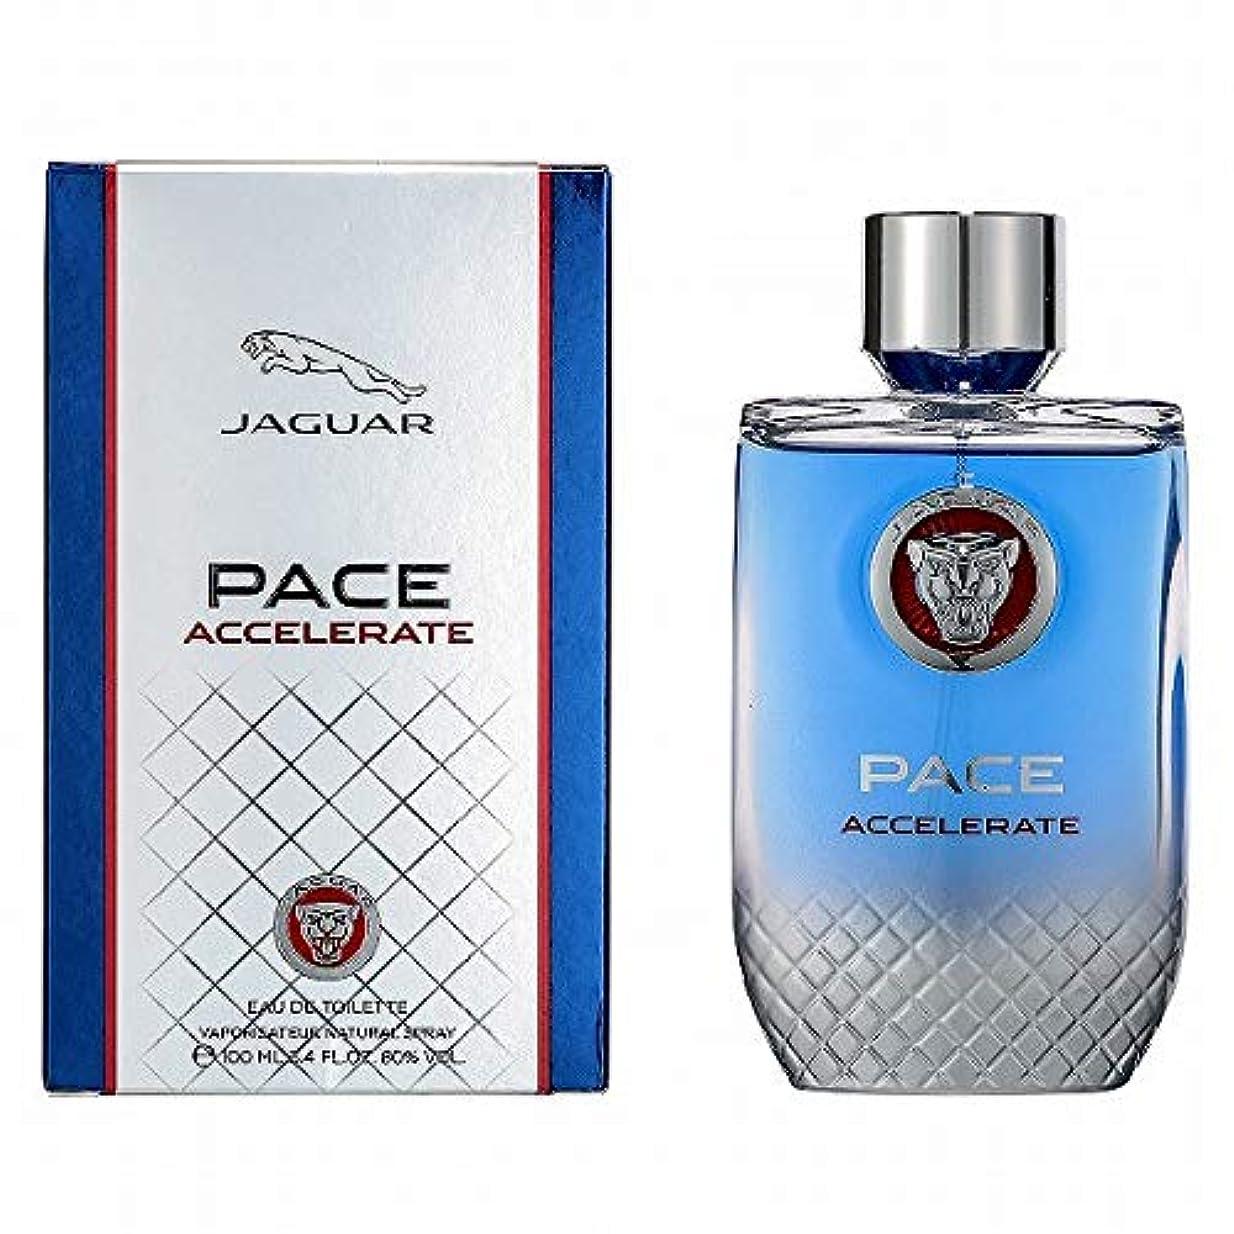 衝撃ボイラー汗ジャガー JAGUAR 香水 JR-JAGUARPACEACCEL-100 ジャガーペース アクセレレート オードトワレ 100ml【メンズ】 [並行輸入品]